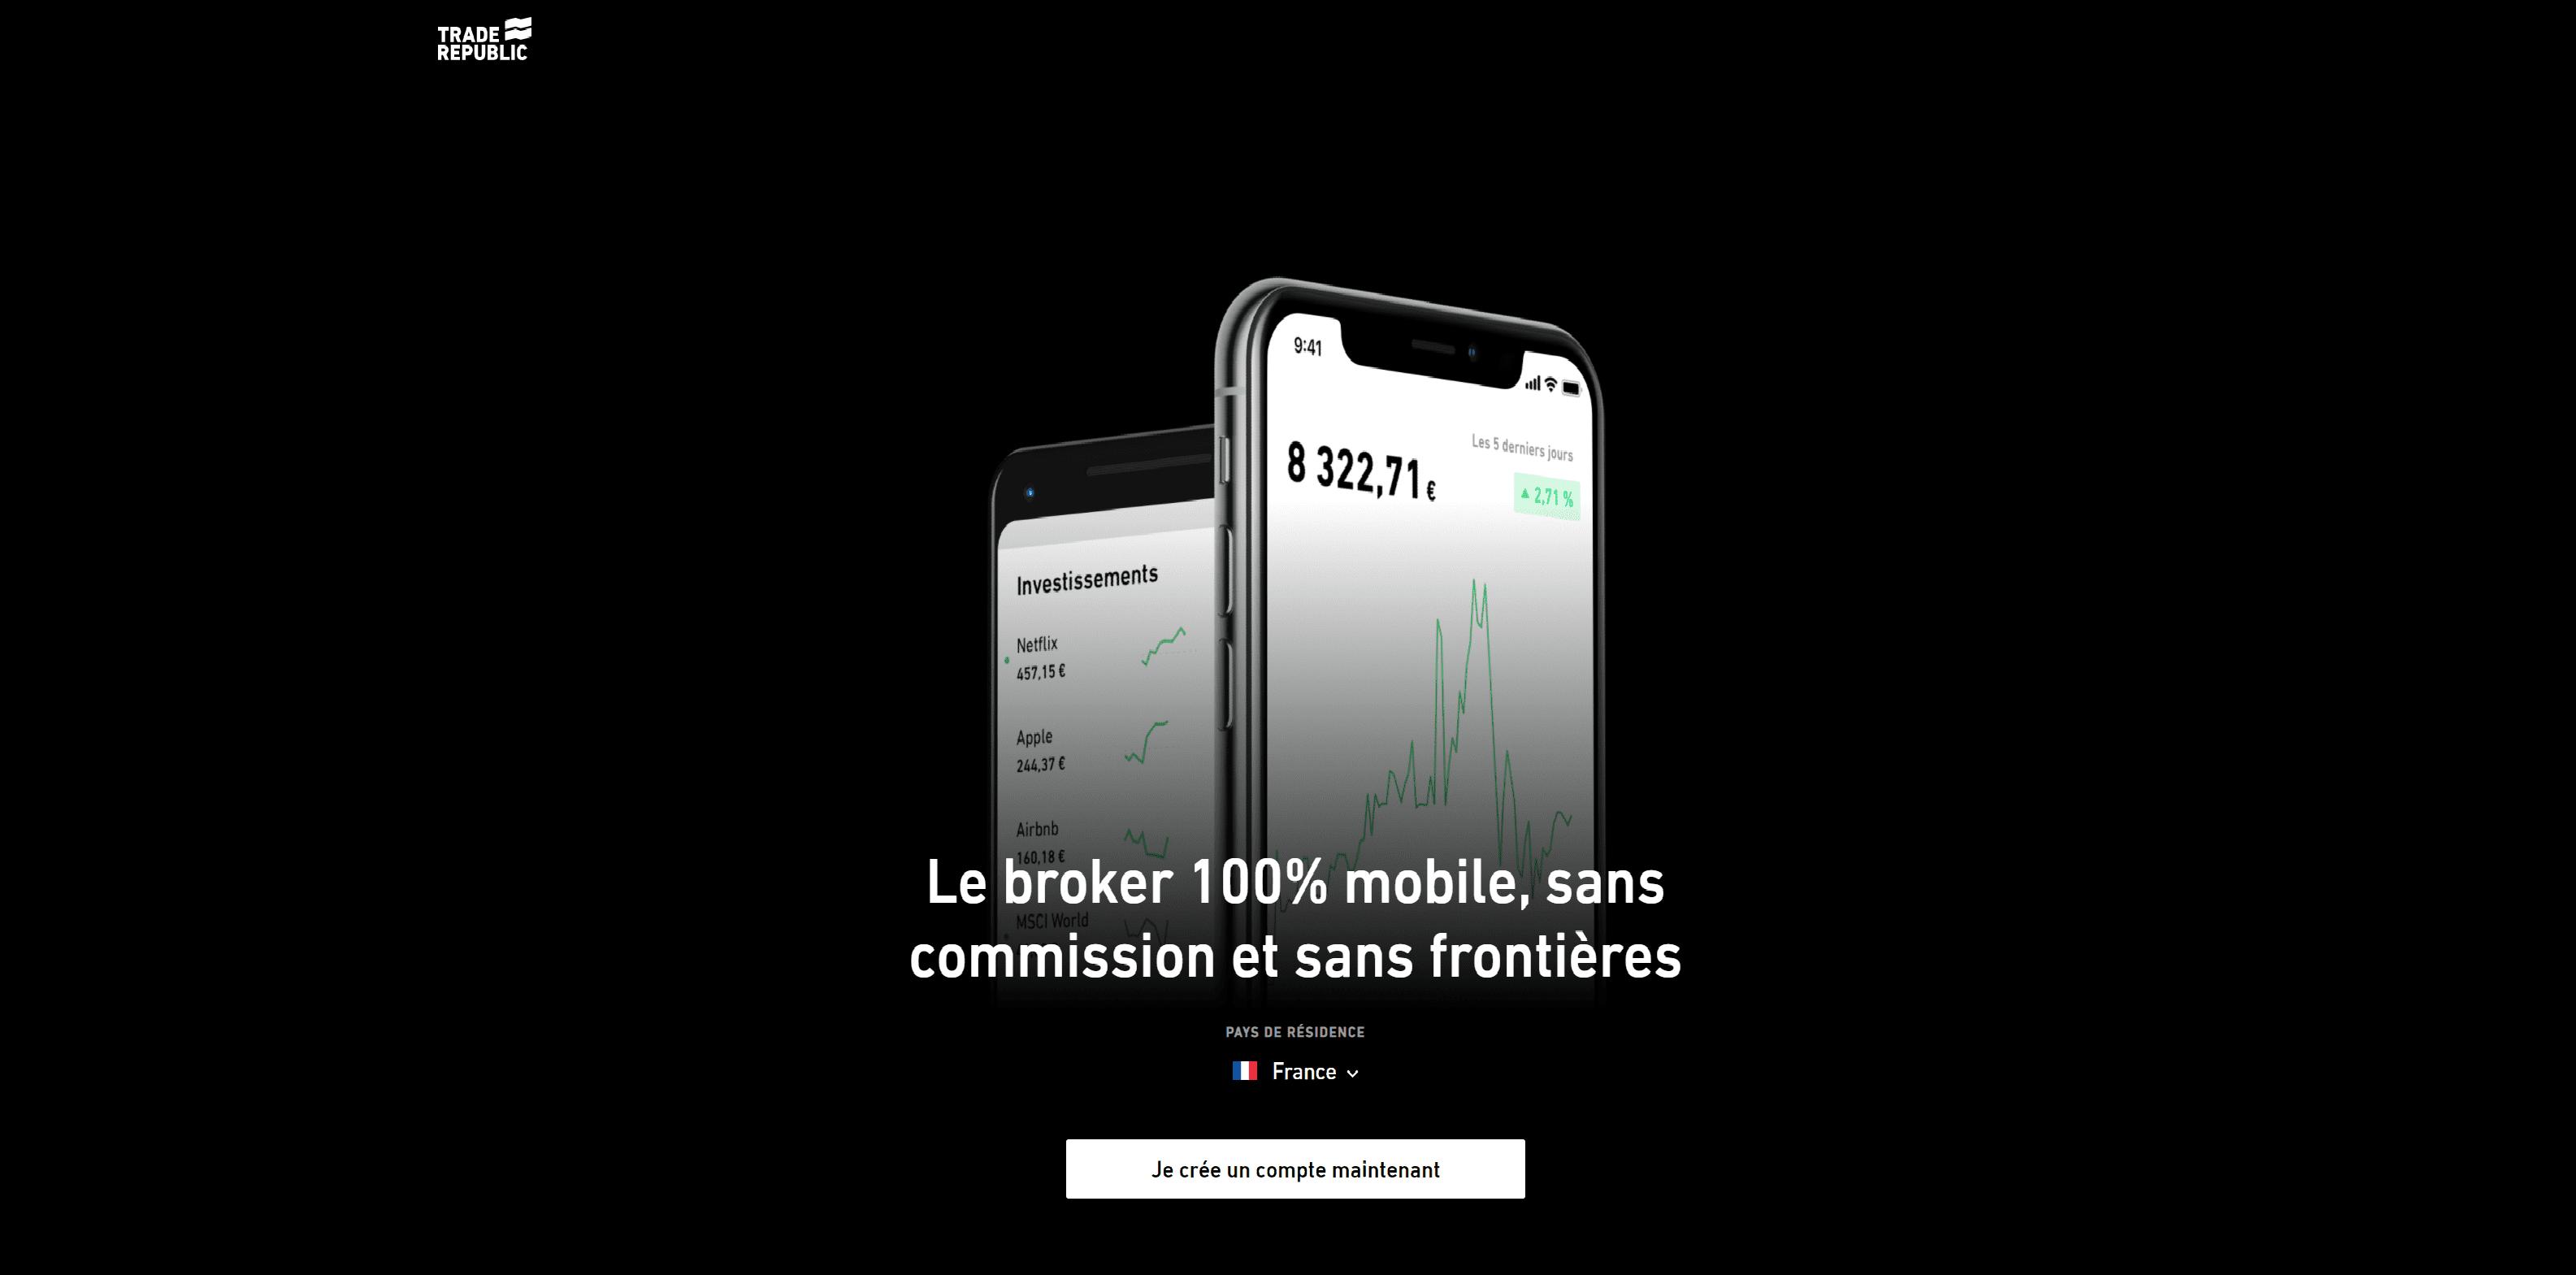 Trade Republic Ouvrir un compte mobile